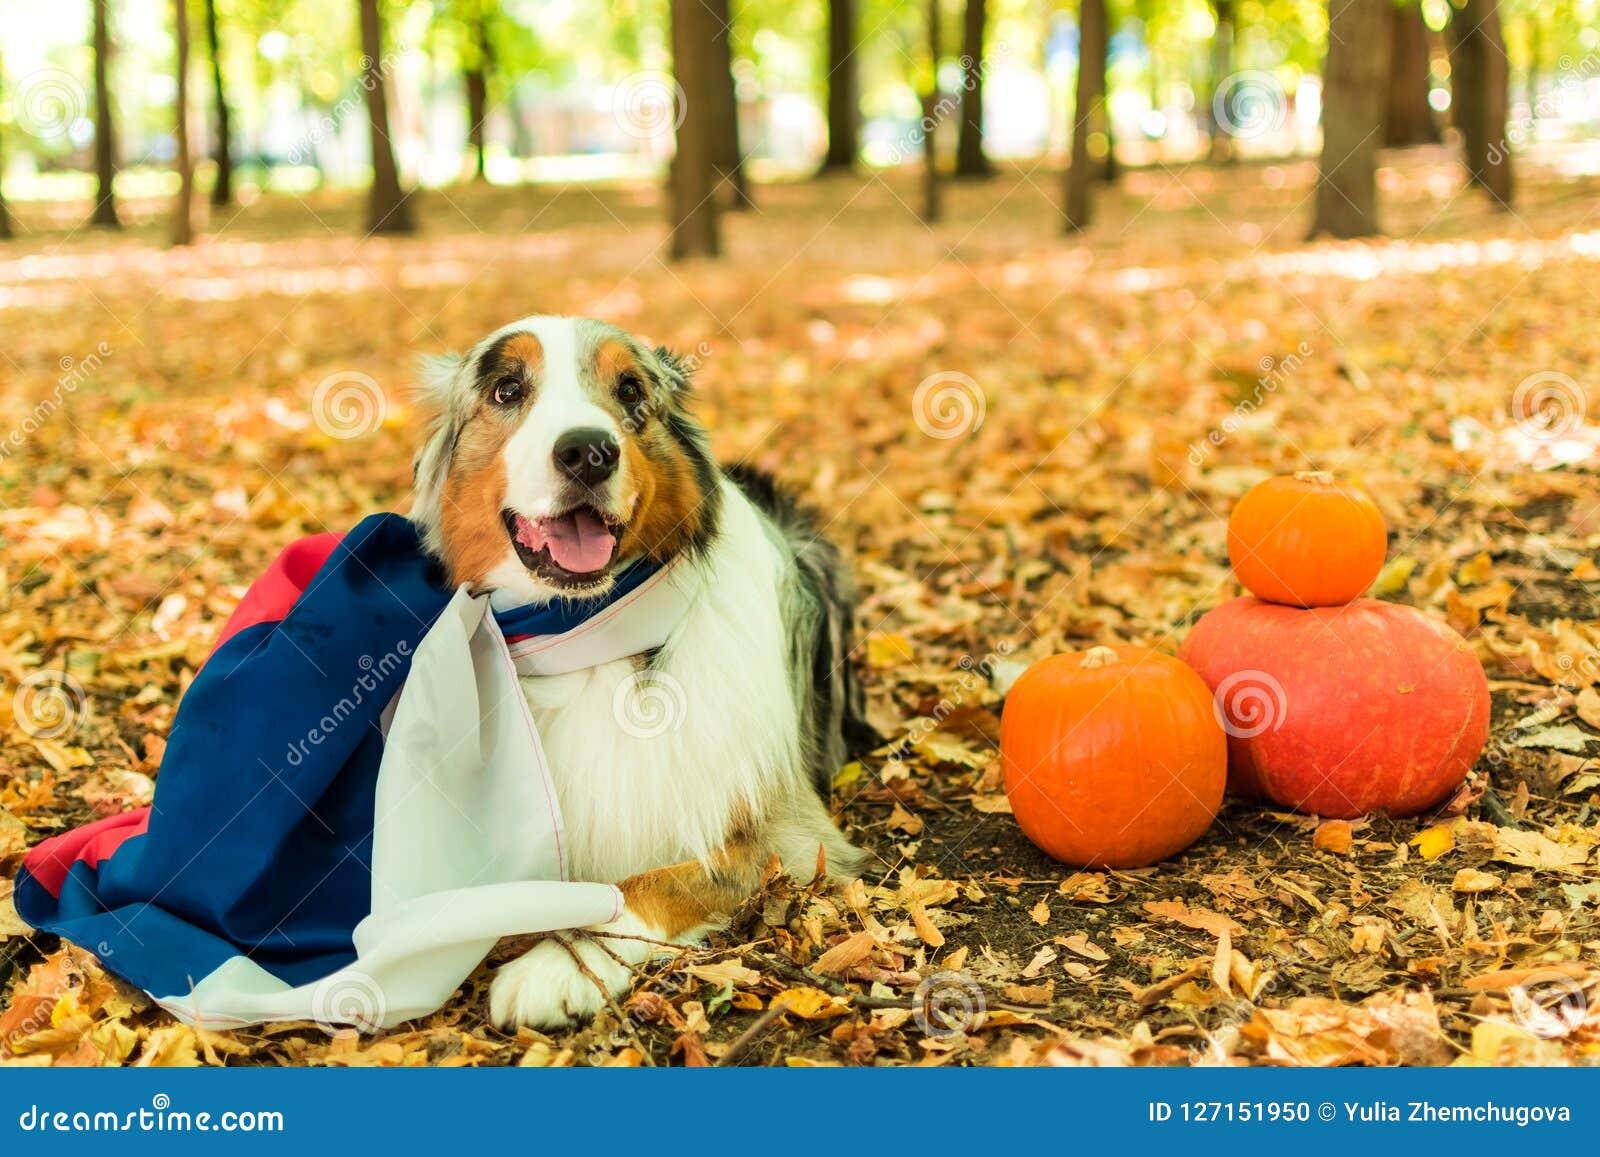 Młody figlarnie pies Australijska baca w parku w jesień lesie wykonuje rozkazy ubierający w rosjaninie